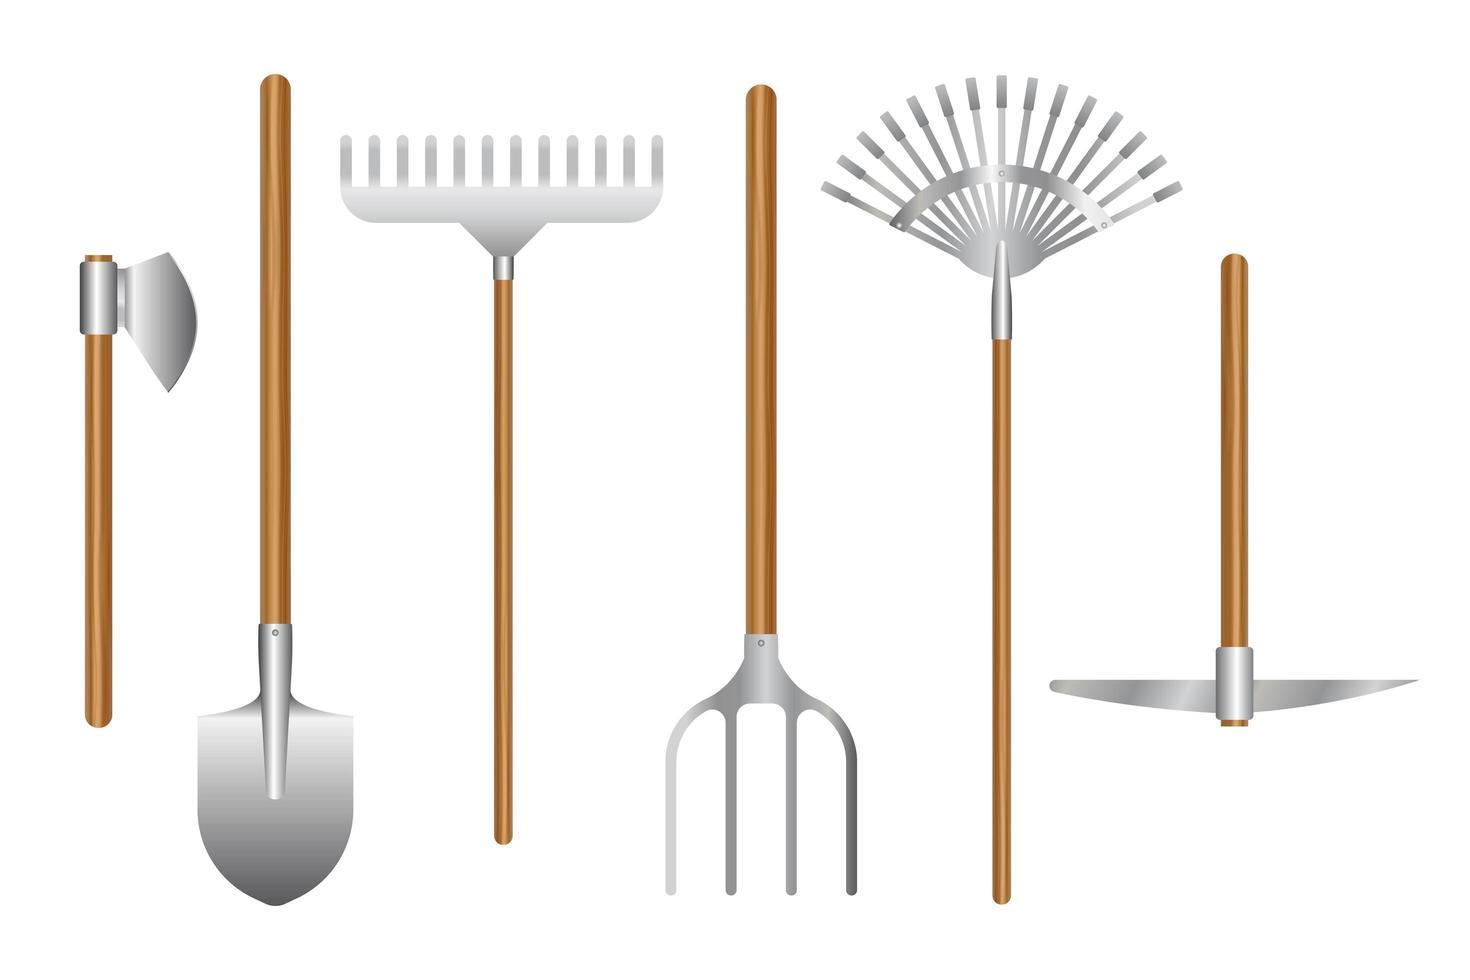 herramientas de jardinería en blanco vector